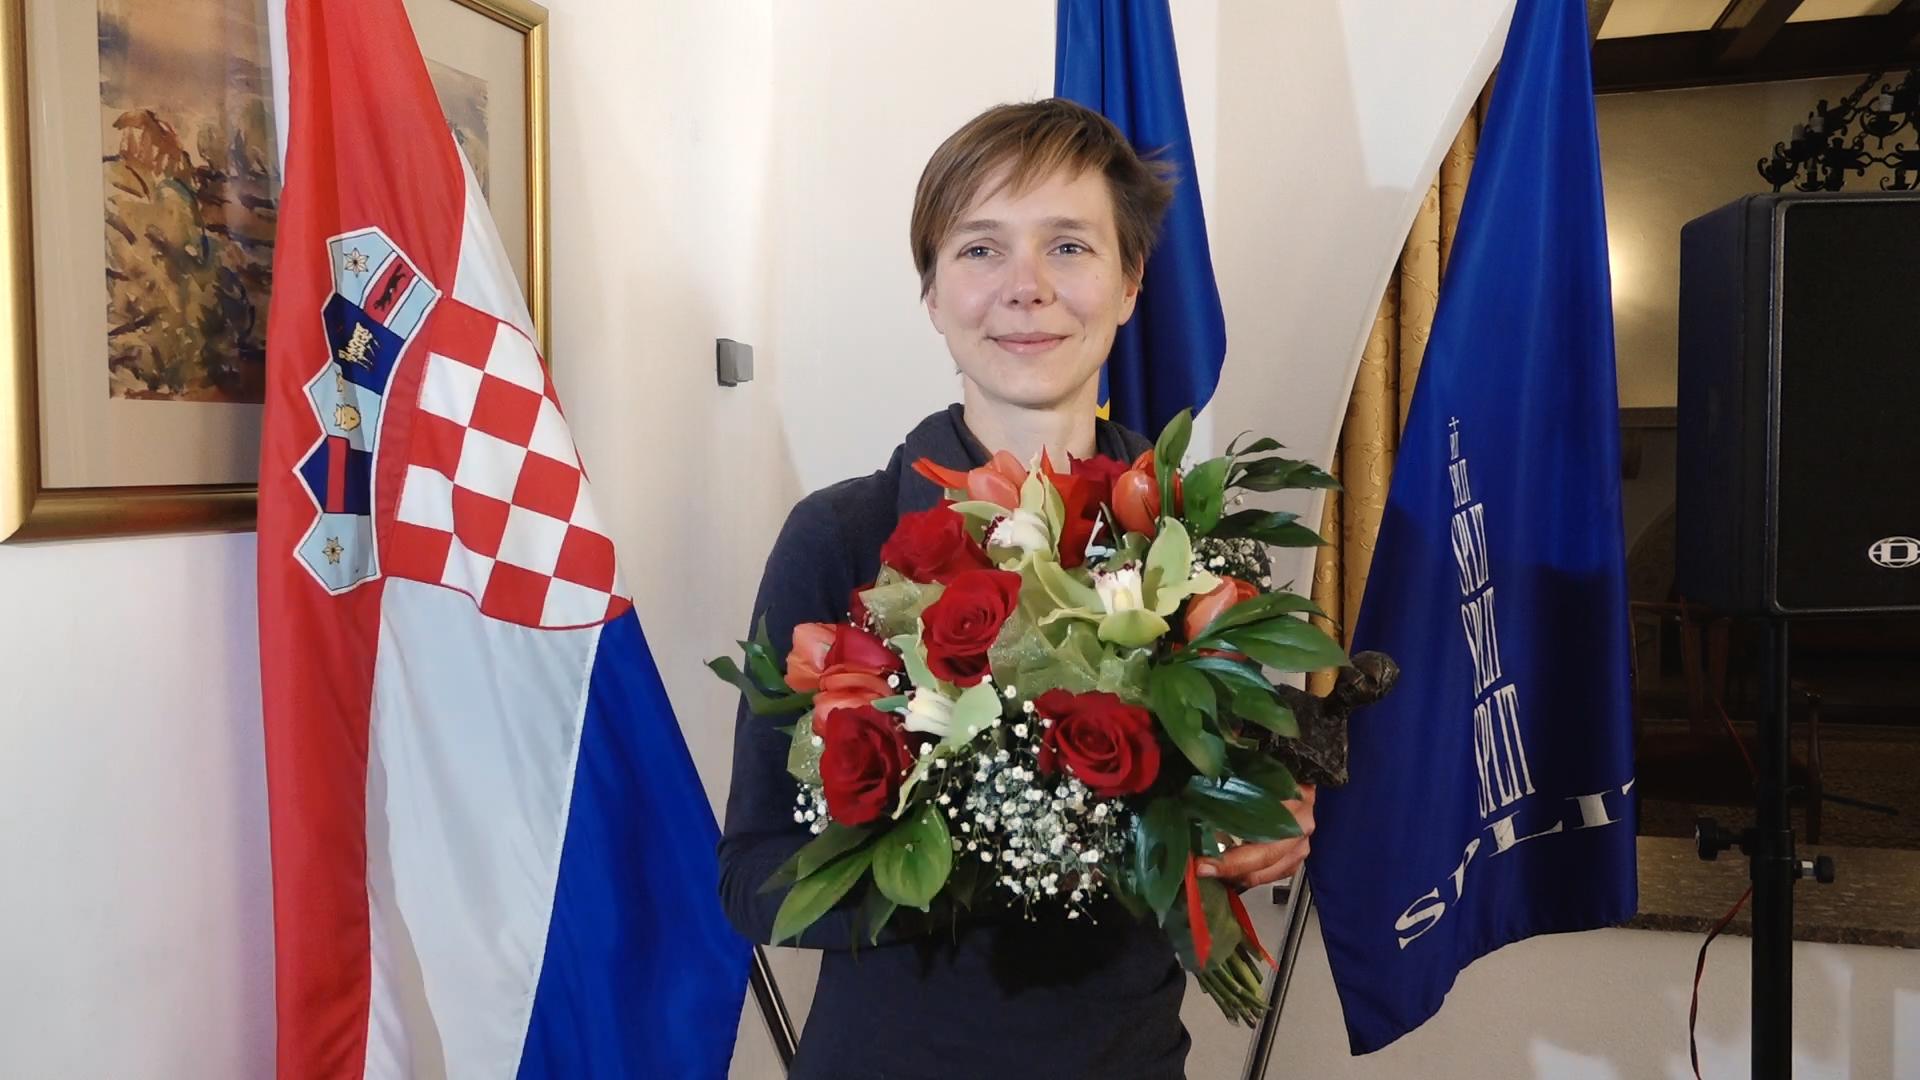 Ivana Buklijaš - Splitski cvit: Hvala gospođi Mratinić na upornosti i...